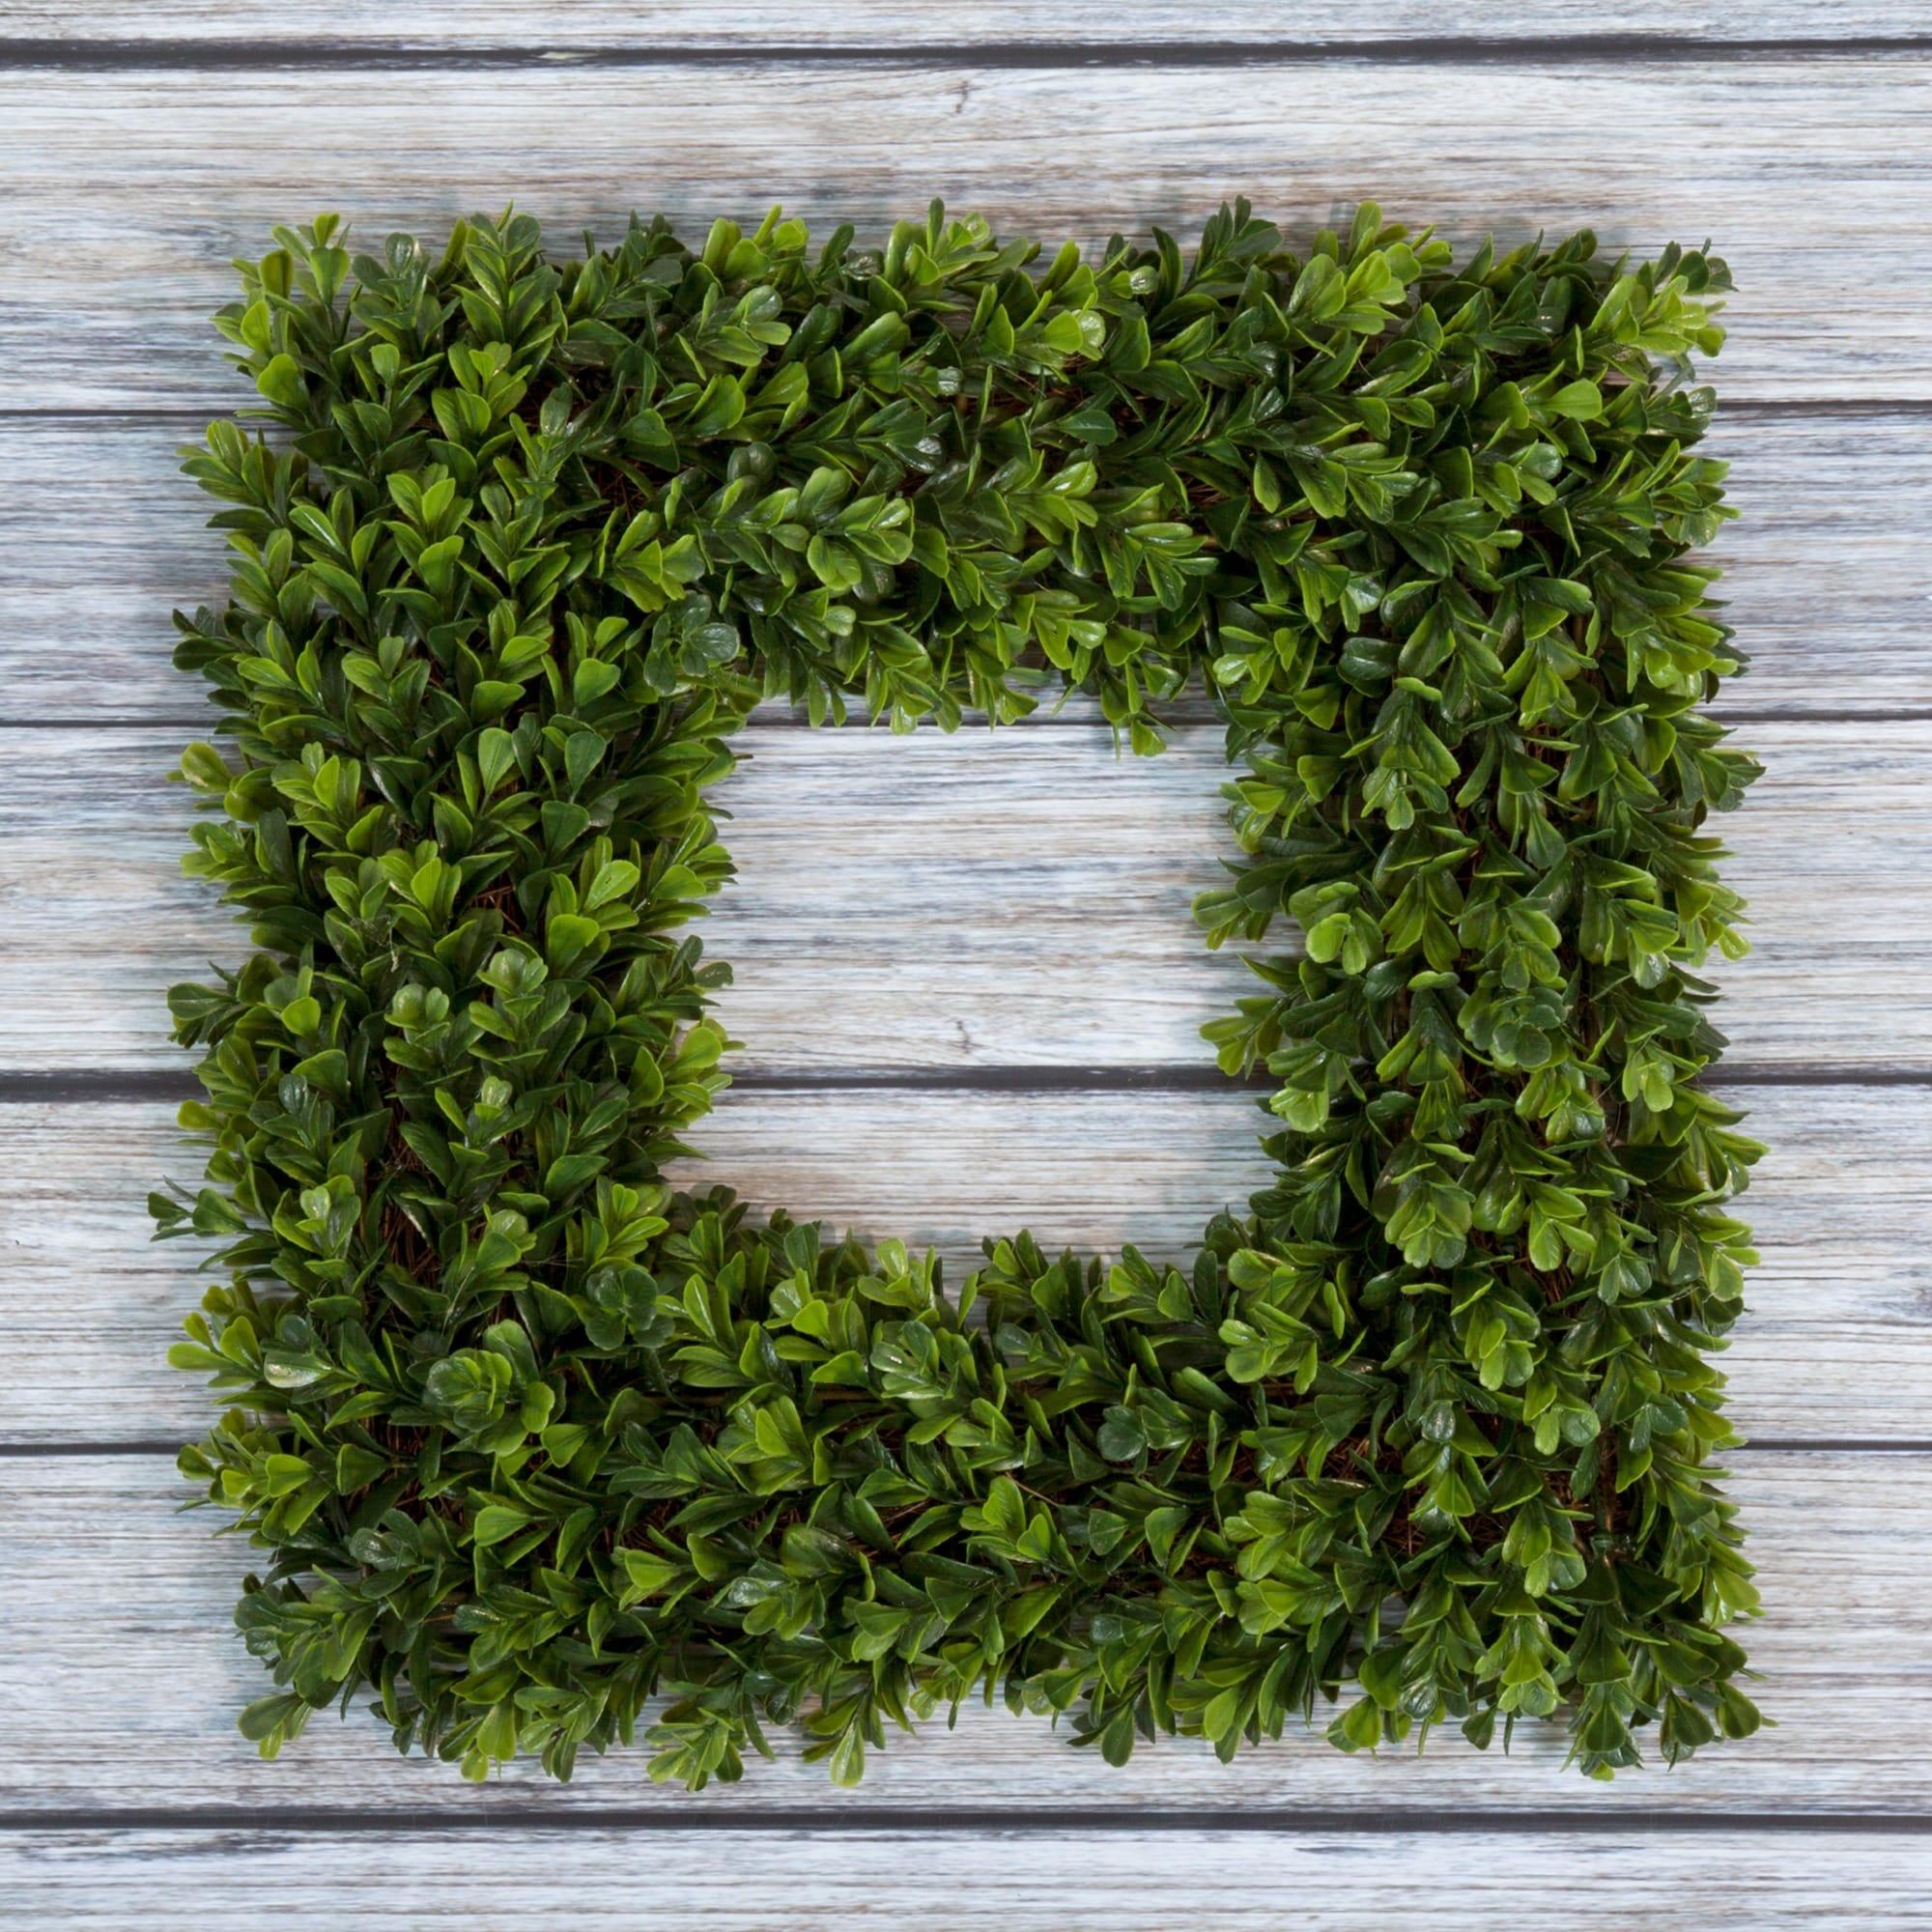 Pure Garden Square Boxwood Wreath - 16.5 inch x 16.5 inch...